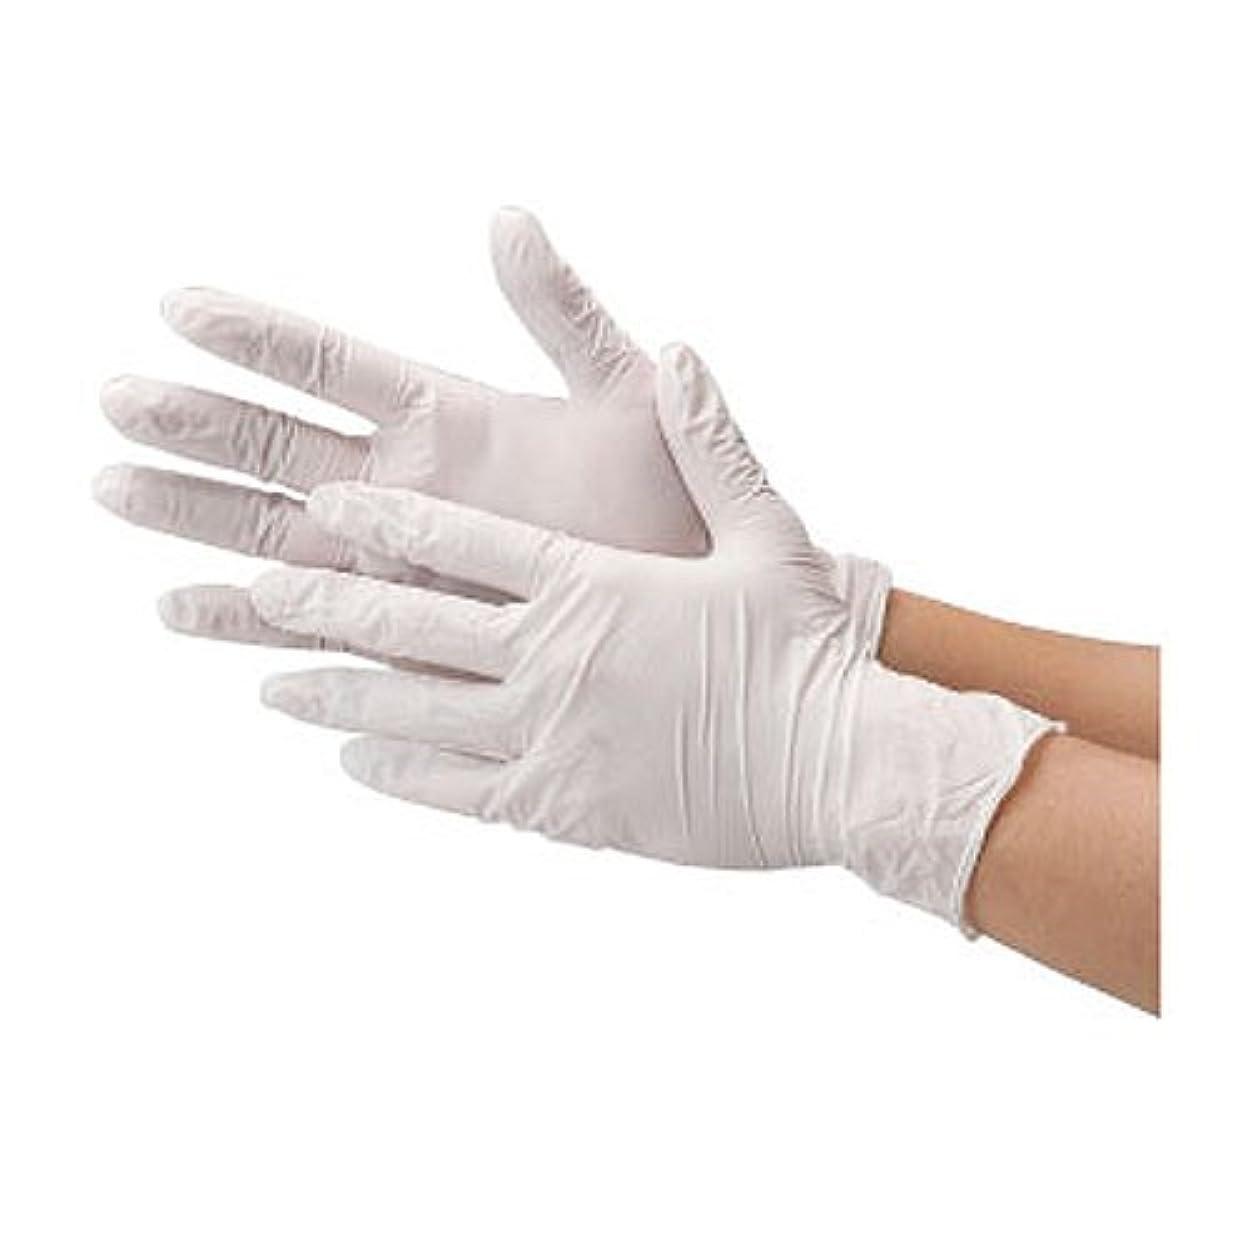 種類暴力的な金額川西工業 ニトリル 使いきり手袋 ストロング 粉無 100枚入り 2037 ホワイトM